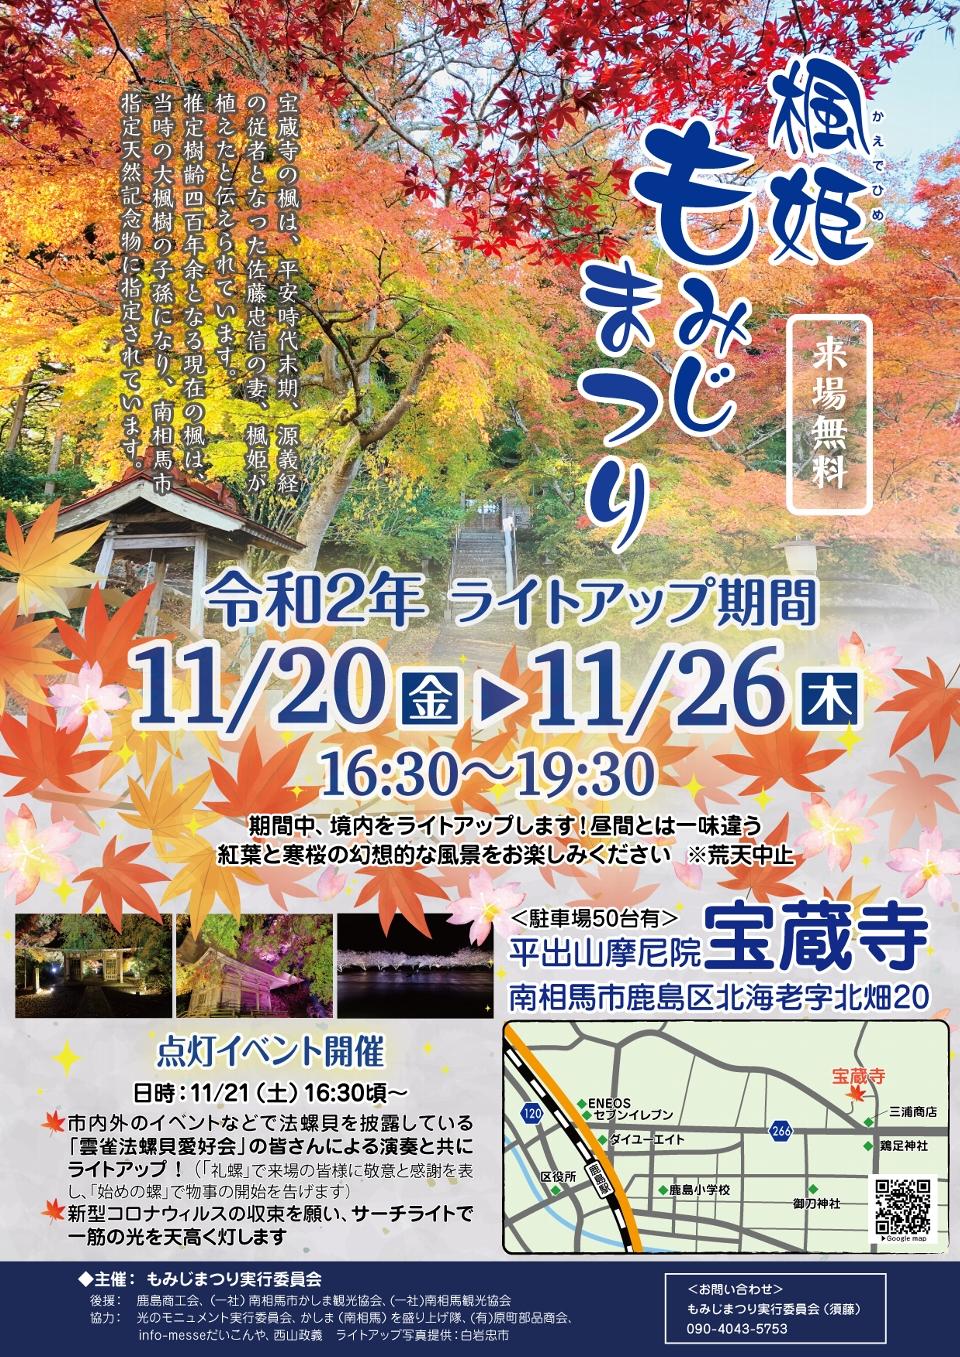 2020.11.20~11.26楓姫もみじまつり